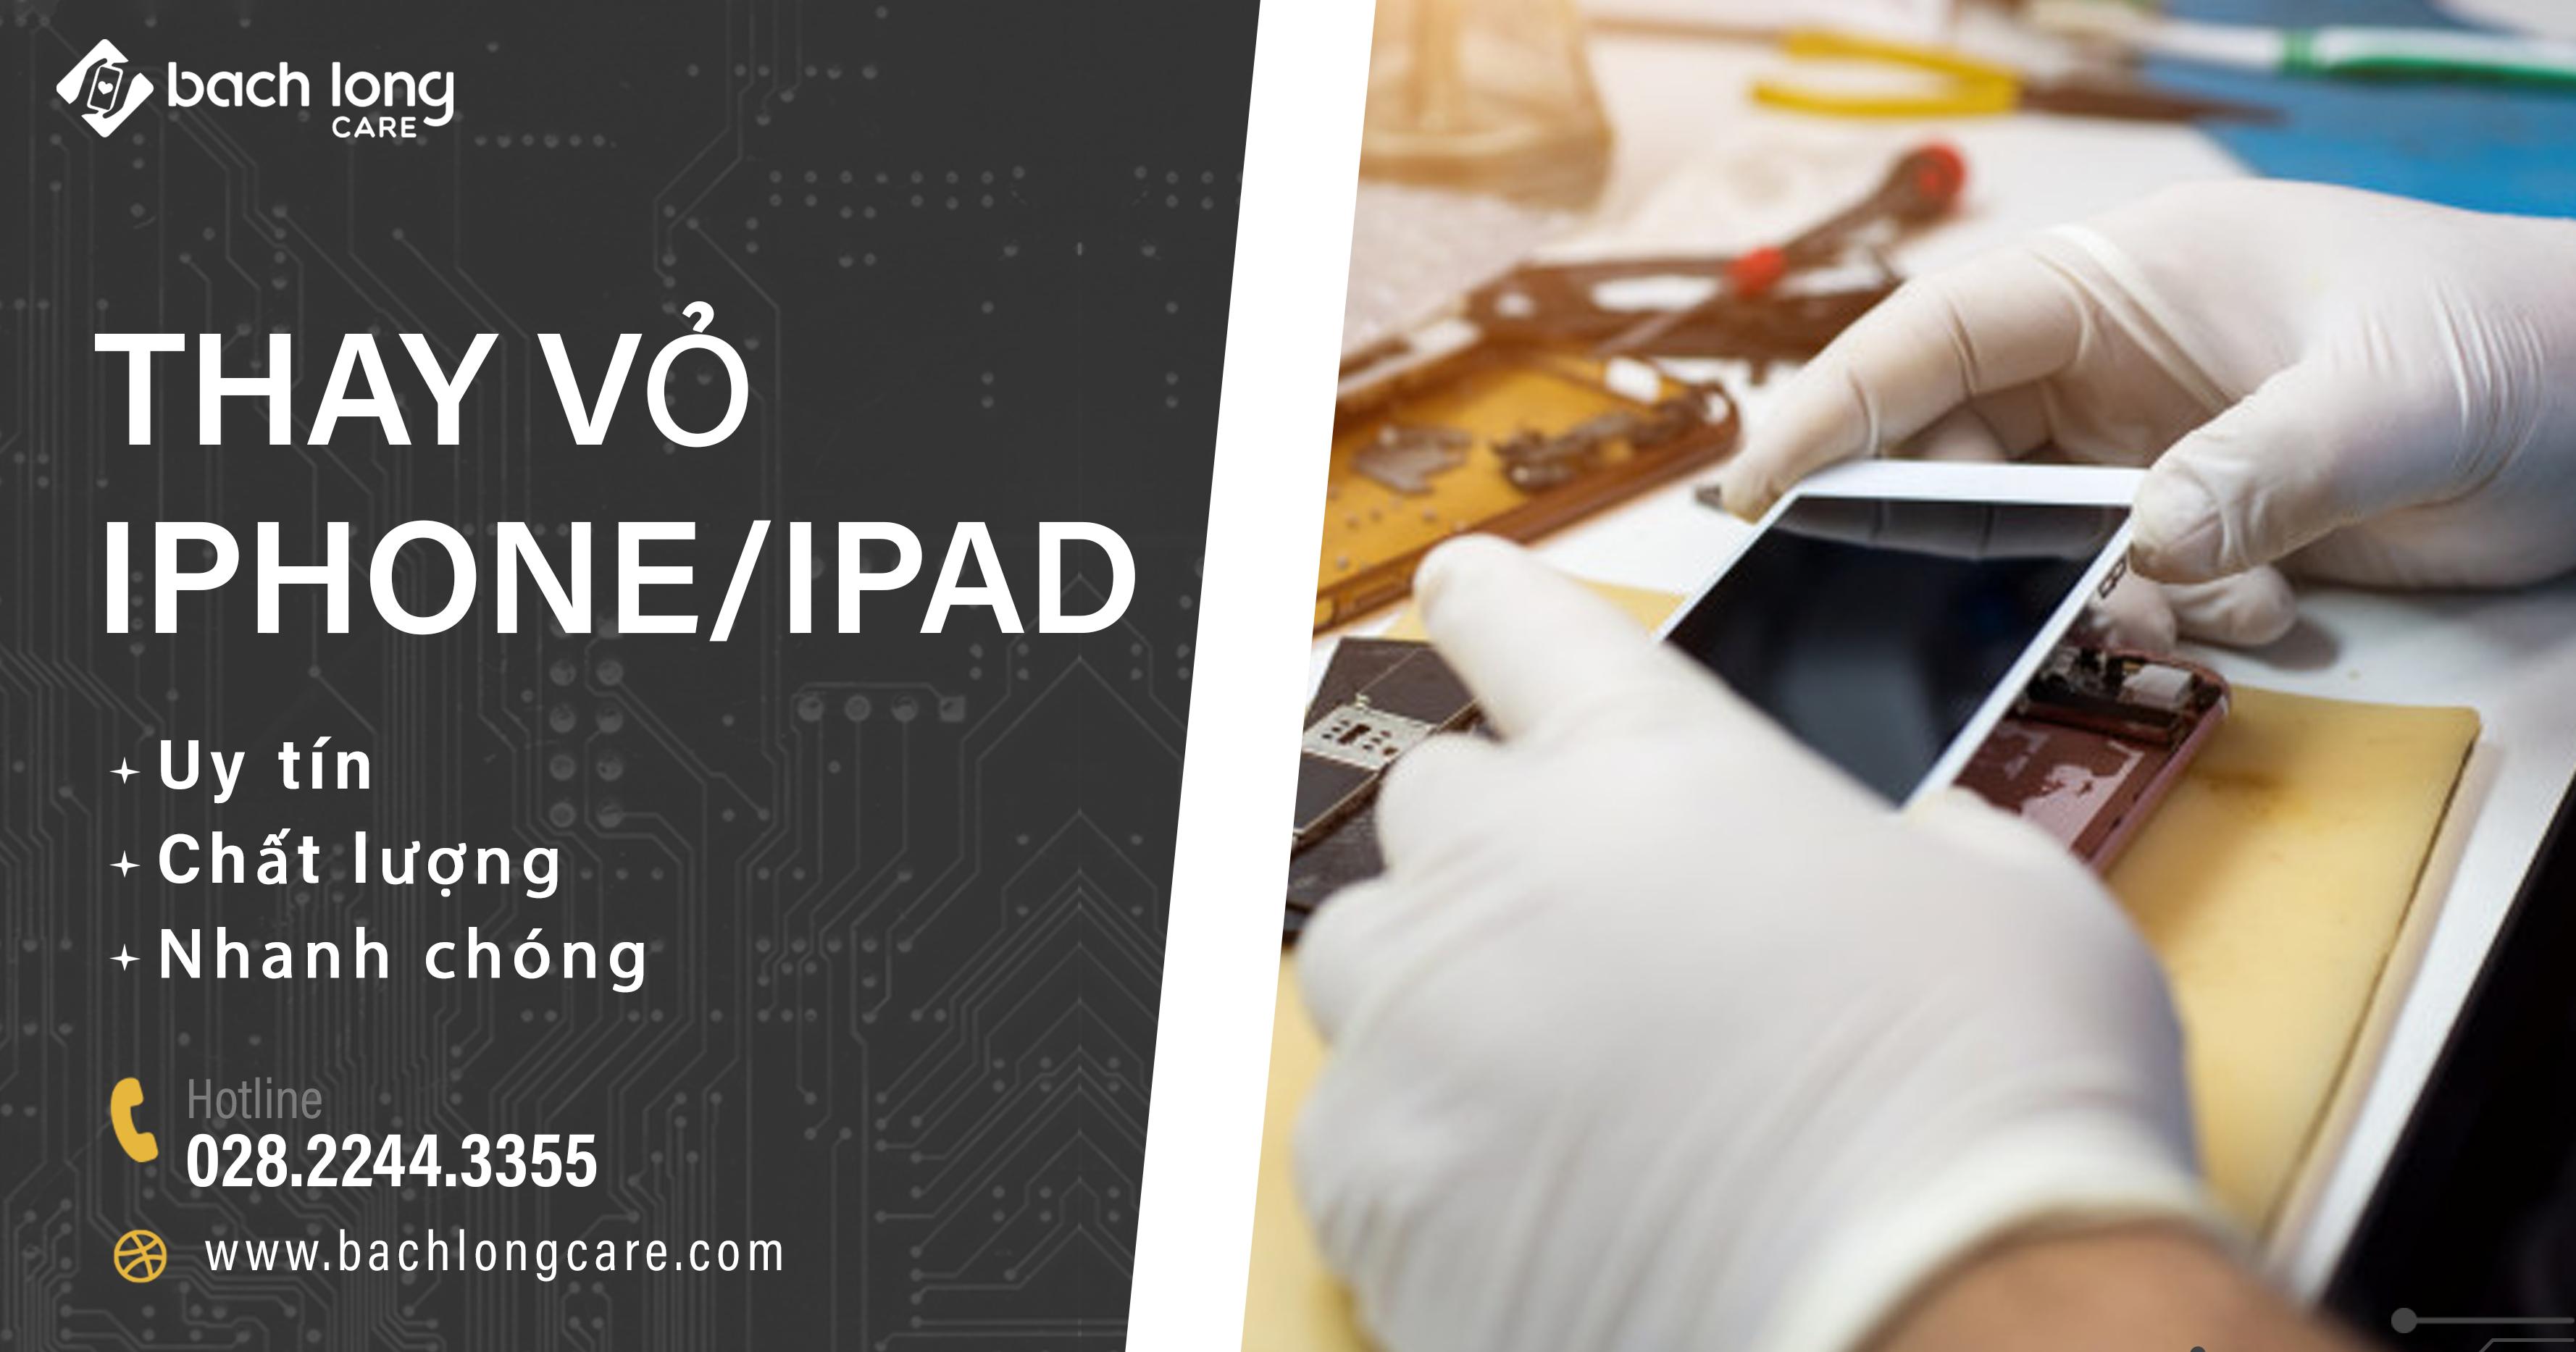 Thay vỏ iPhone/iPad : Làm mới thiết bị của bạn trong một nốt nhạc